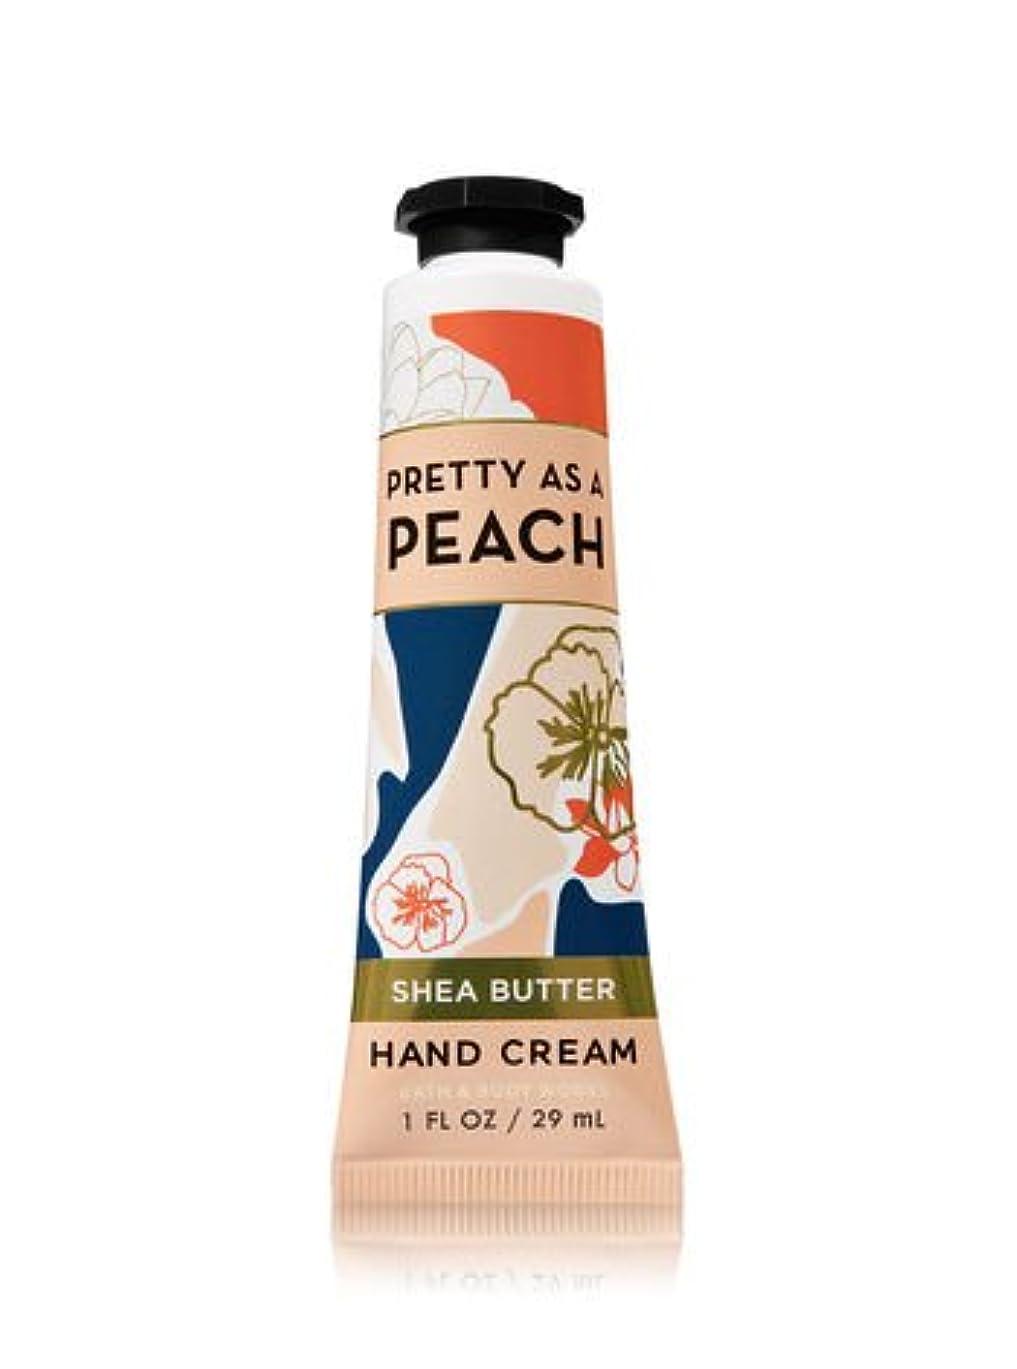 知り合い国勢調査技術的な【Bath&Body Works/バス&ボディワークス】 シアバター ハンドクリーム プリティーアズアピーチ Shea Butter Hand Cream Pretty As A Peach 1 fl oz / 29 mL...